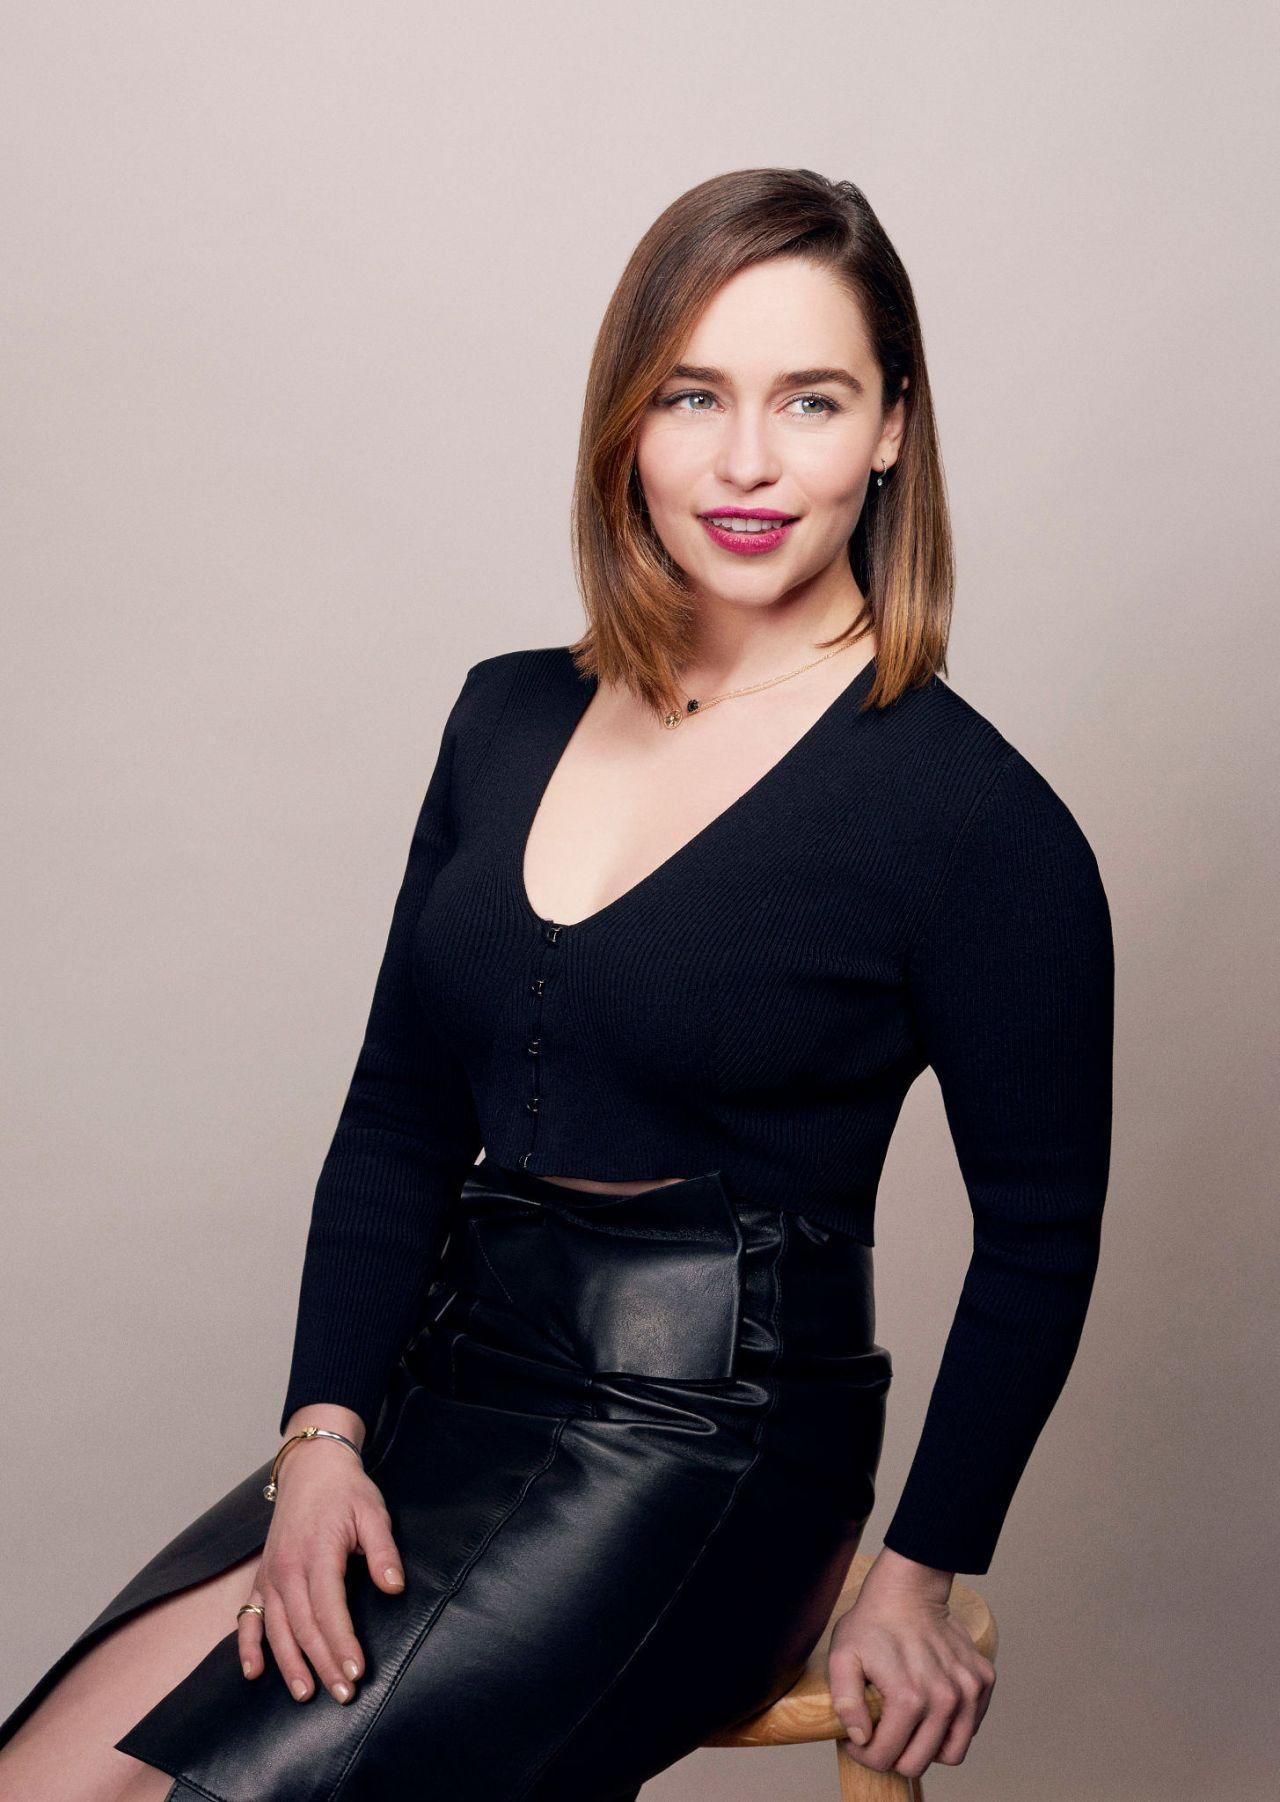 emilia clarke - photo #9